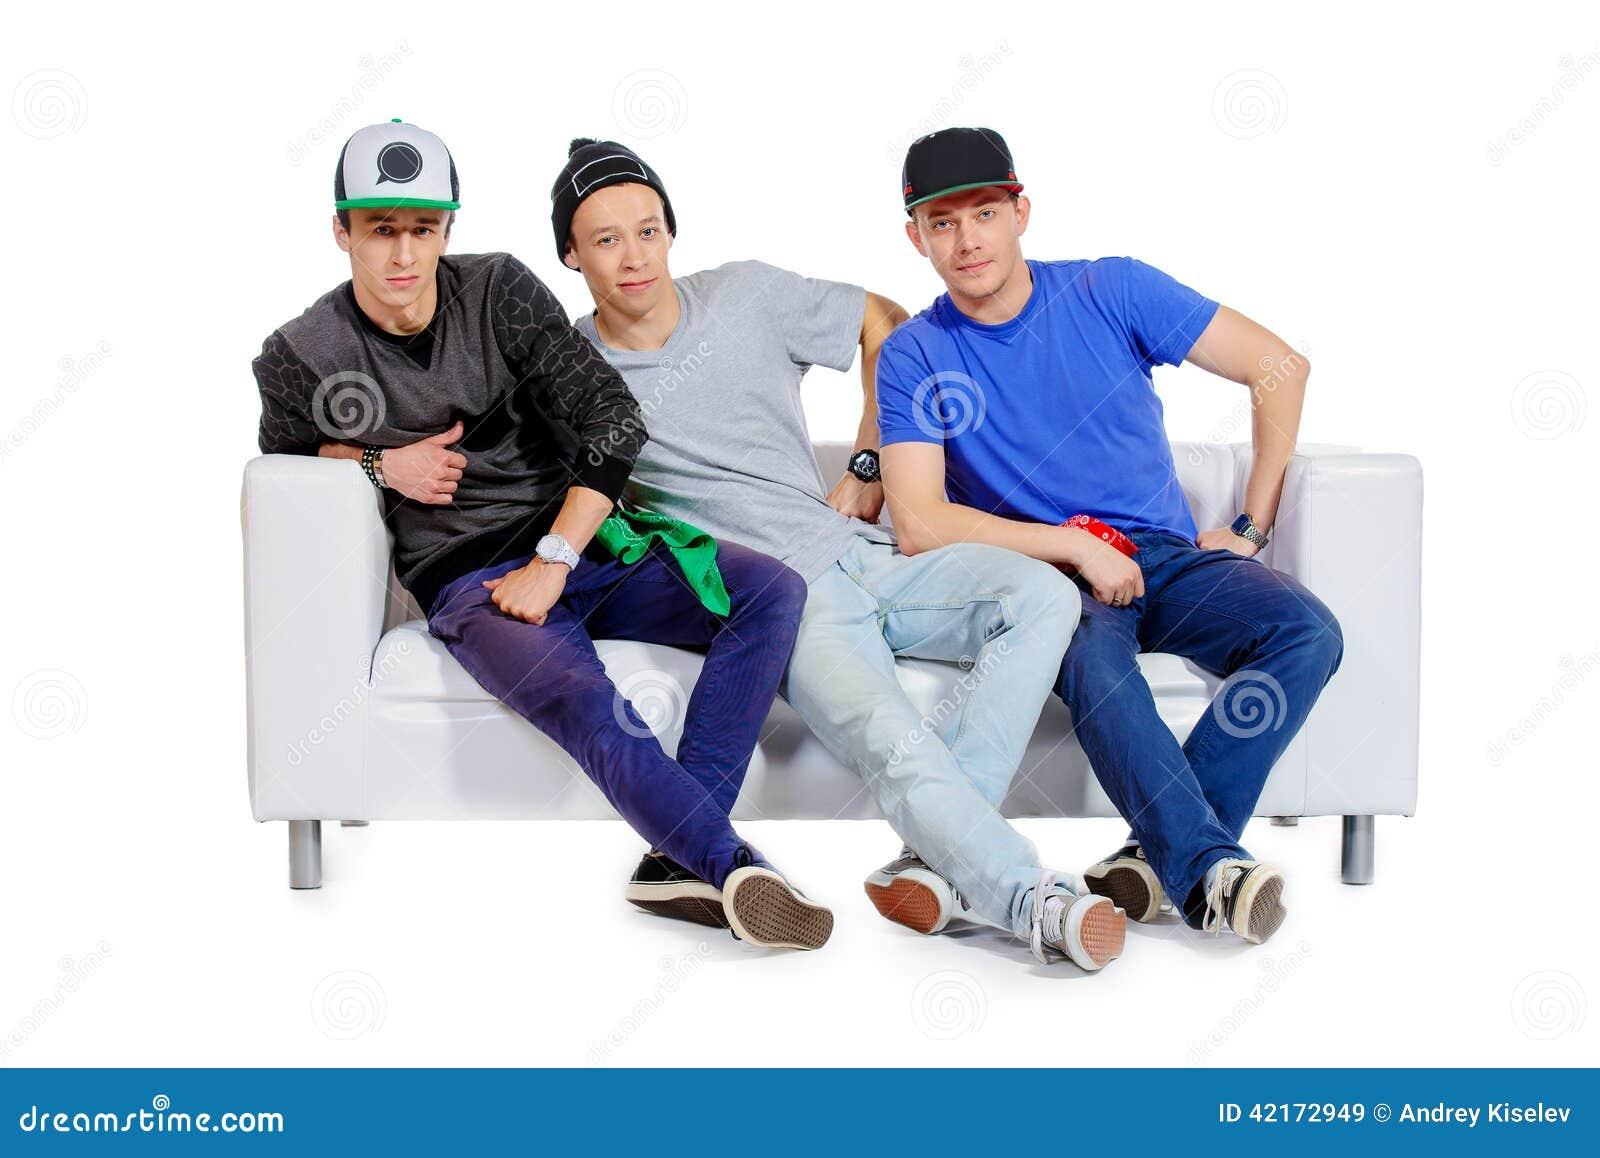 Three gays fun time